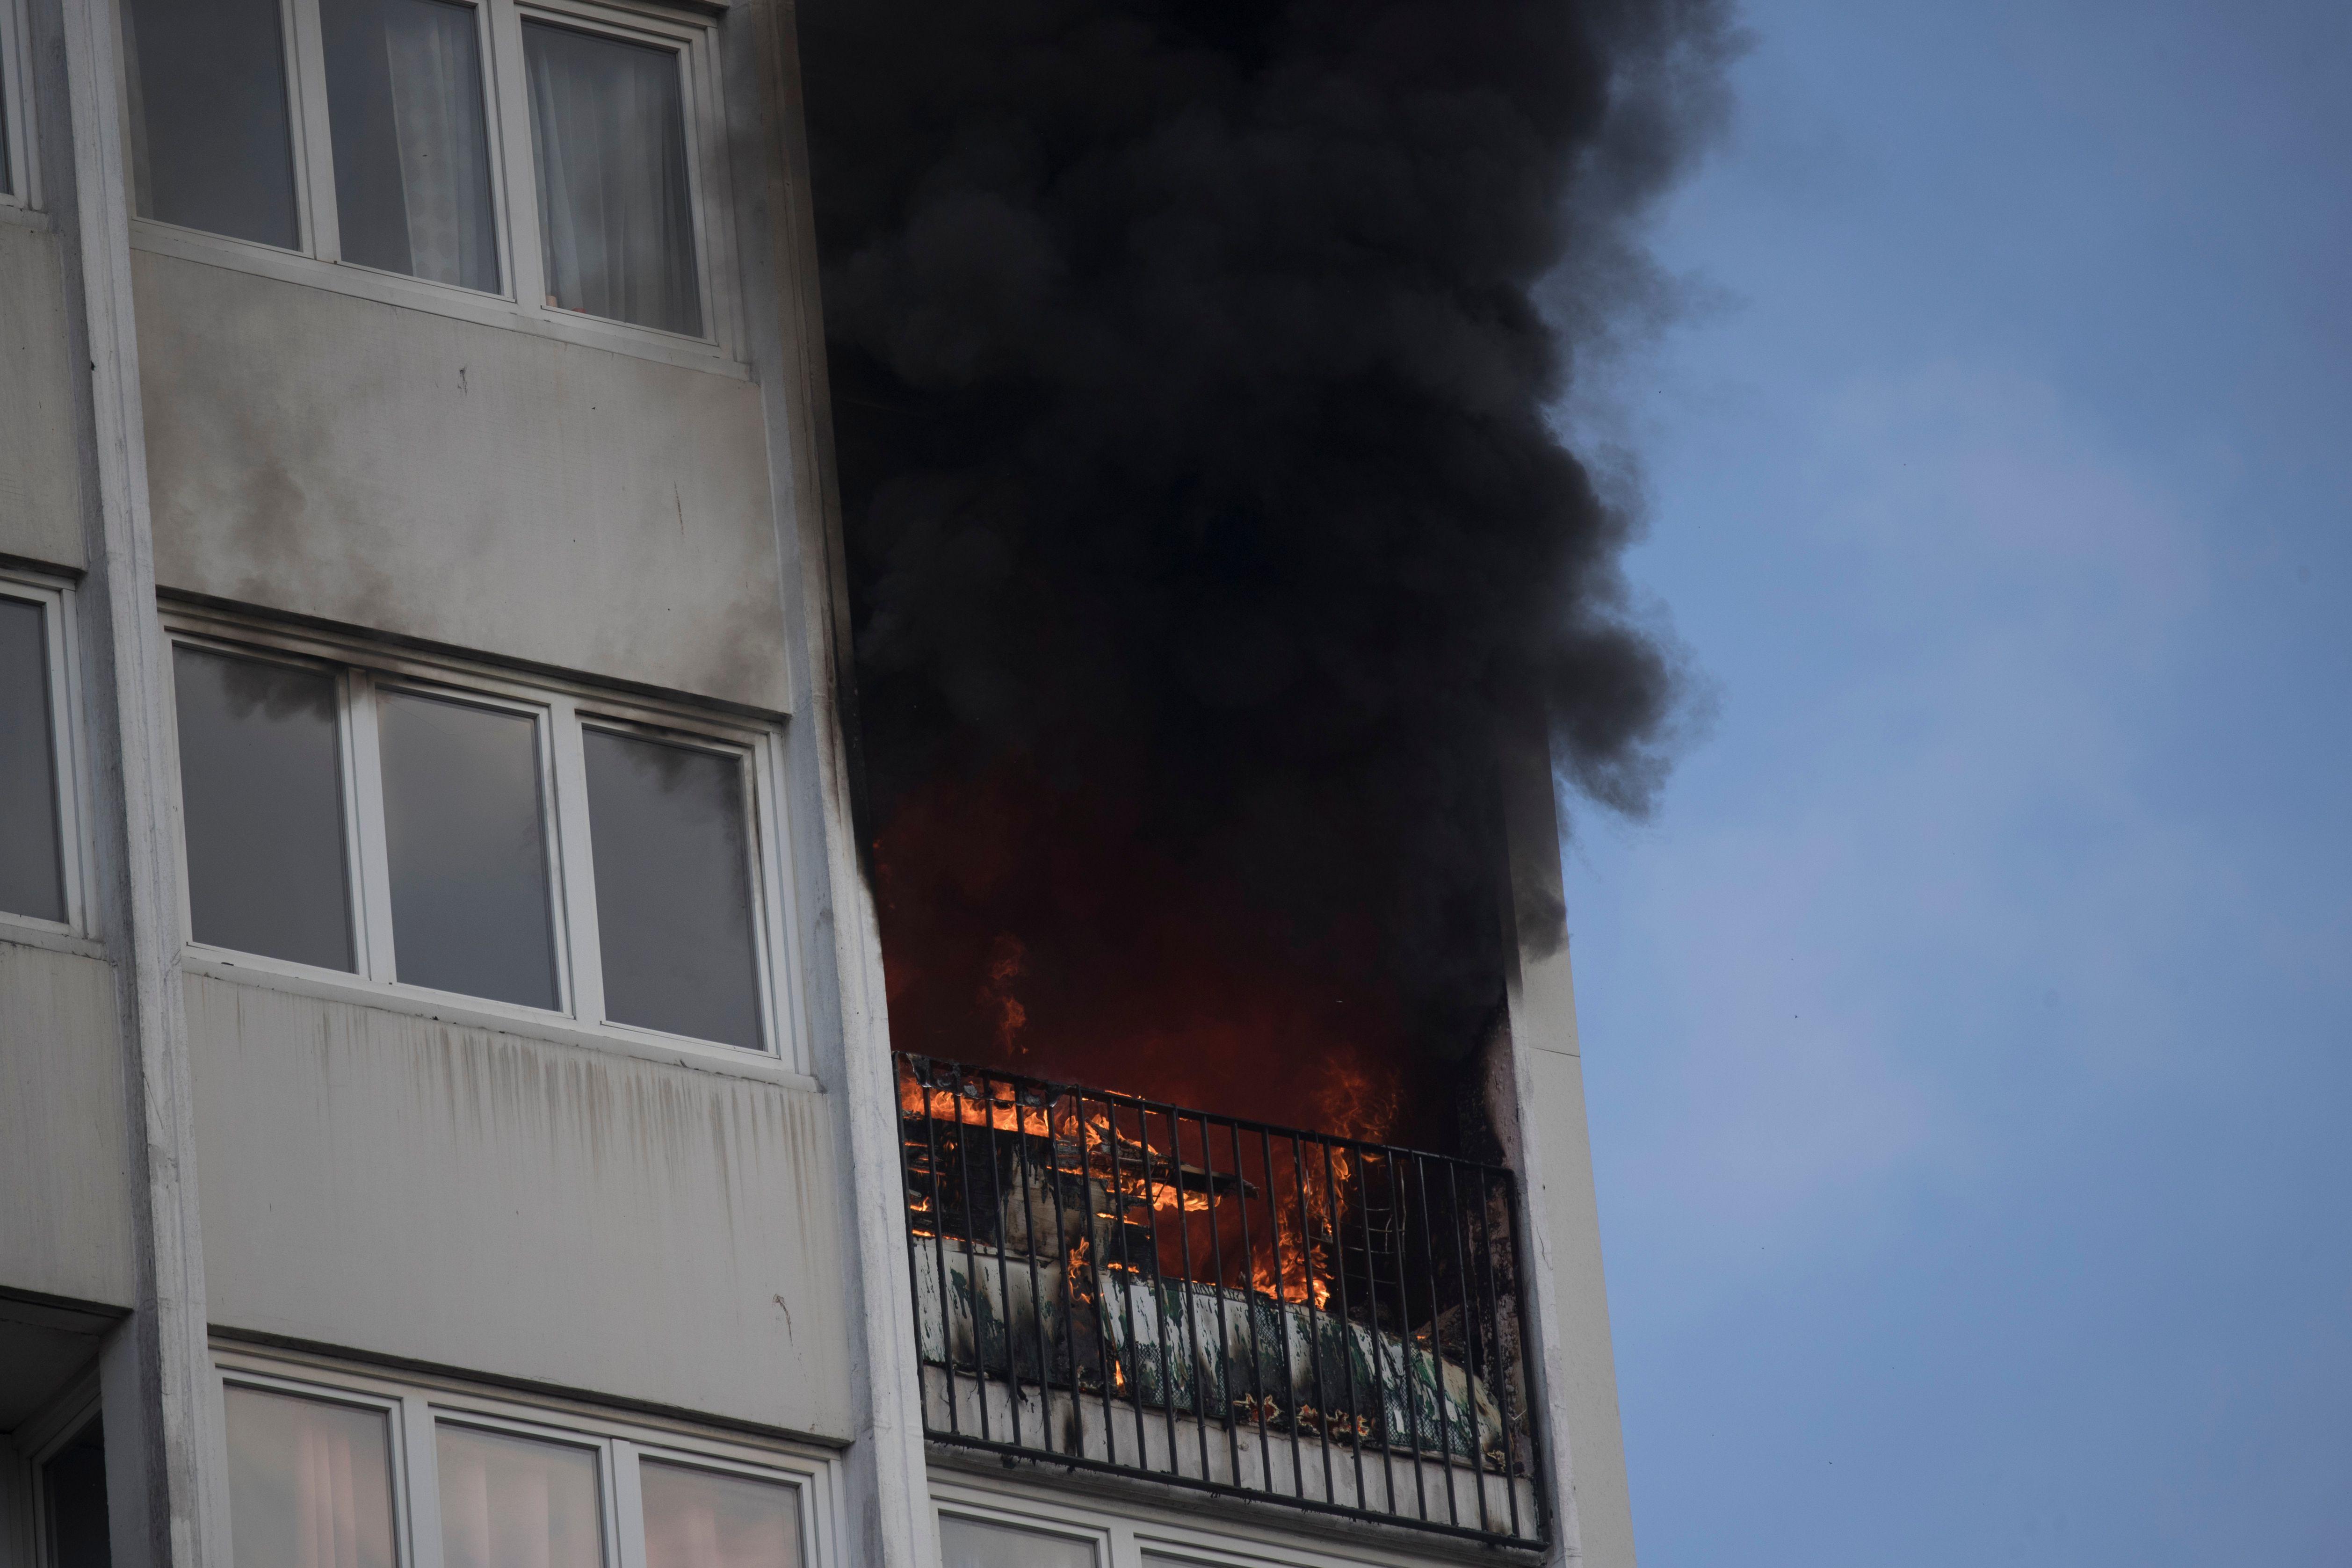 النيران تلتهم غرفة داخل المبنى